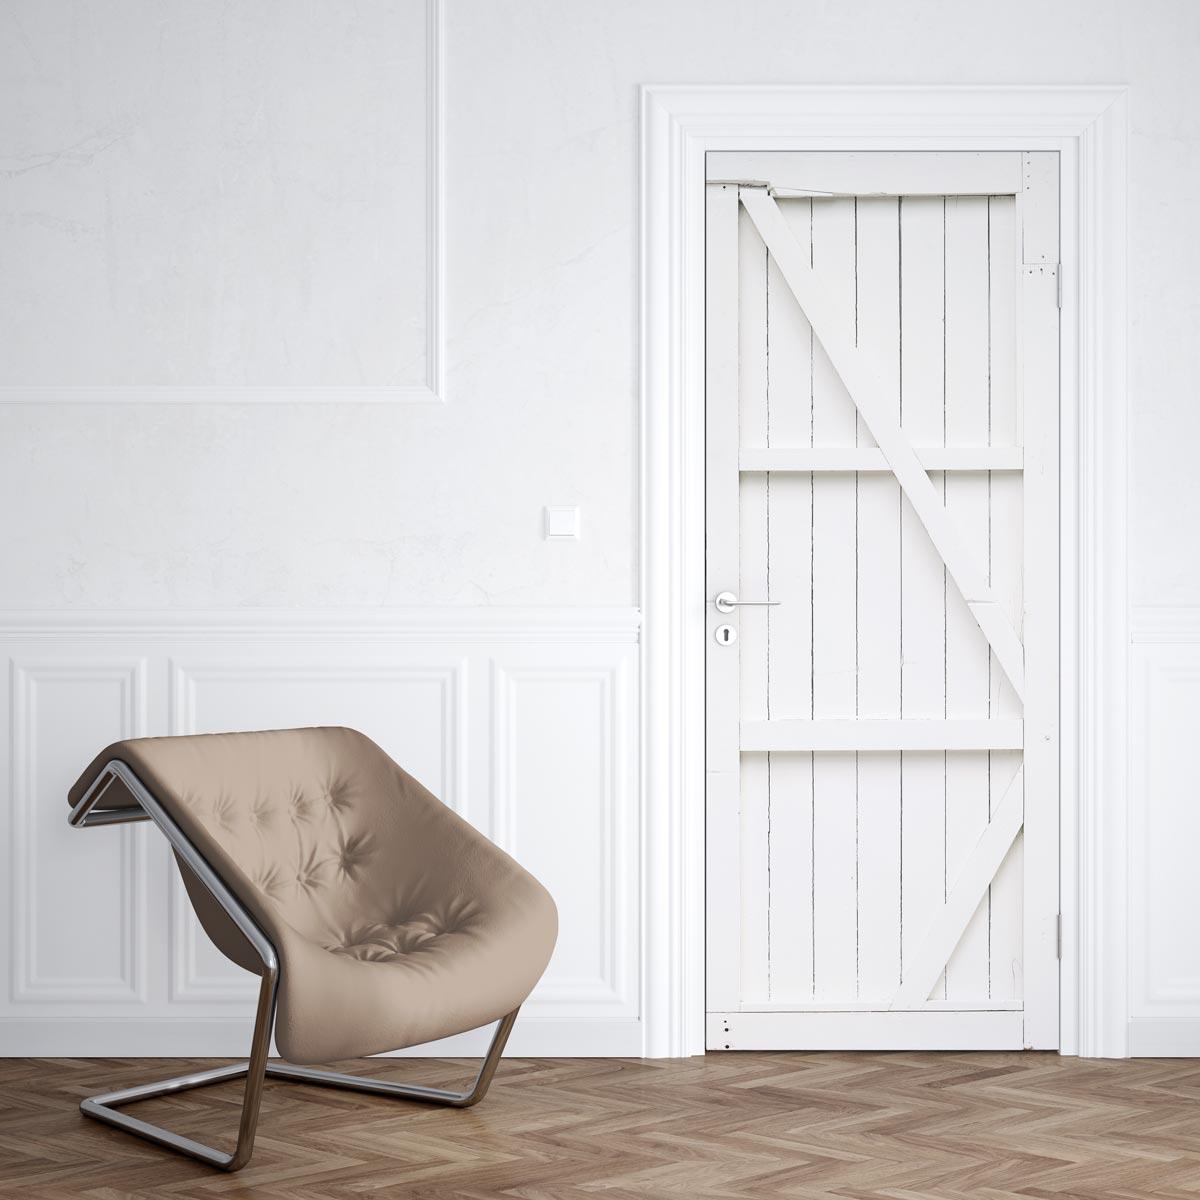 Tete De Lit Porte De Grange sticker porte grange blanche - sticker pour porte | stickerdeco.fr